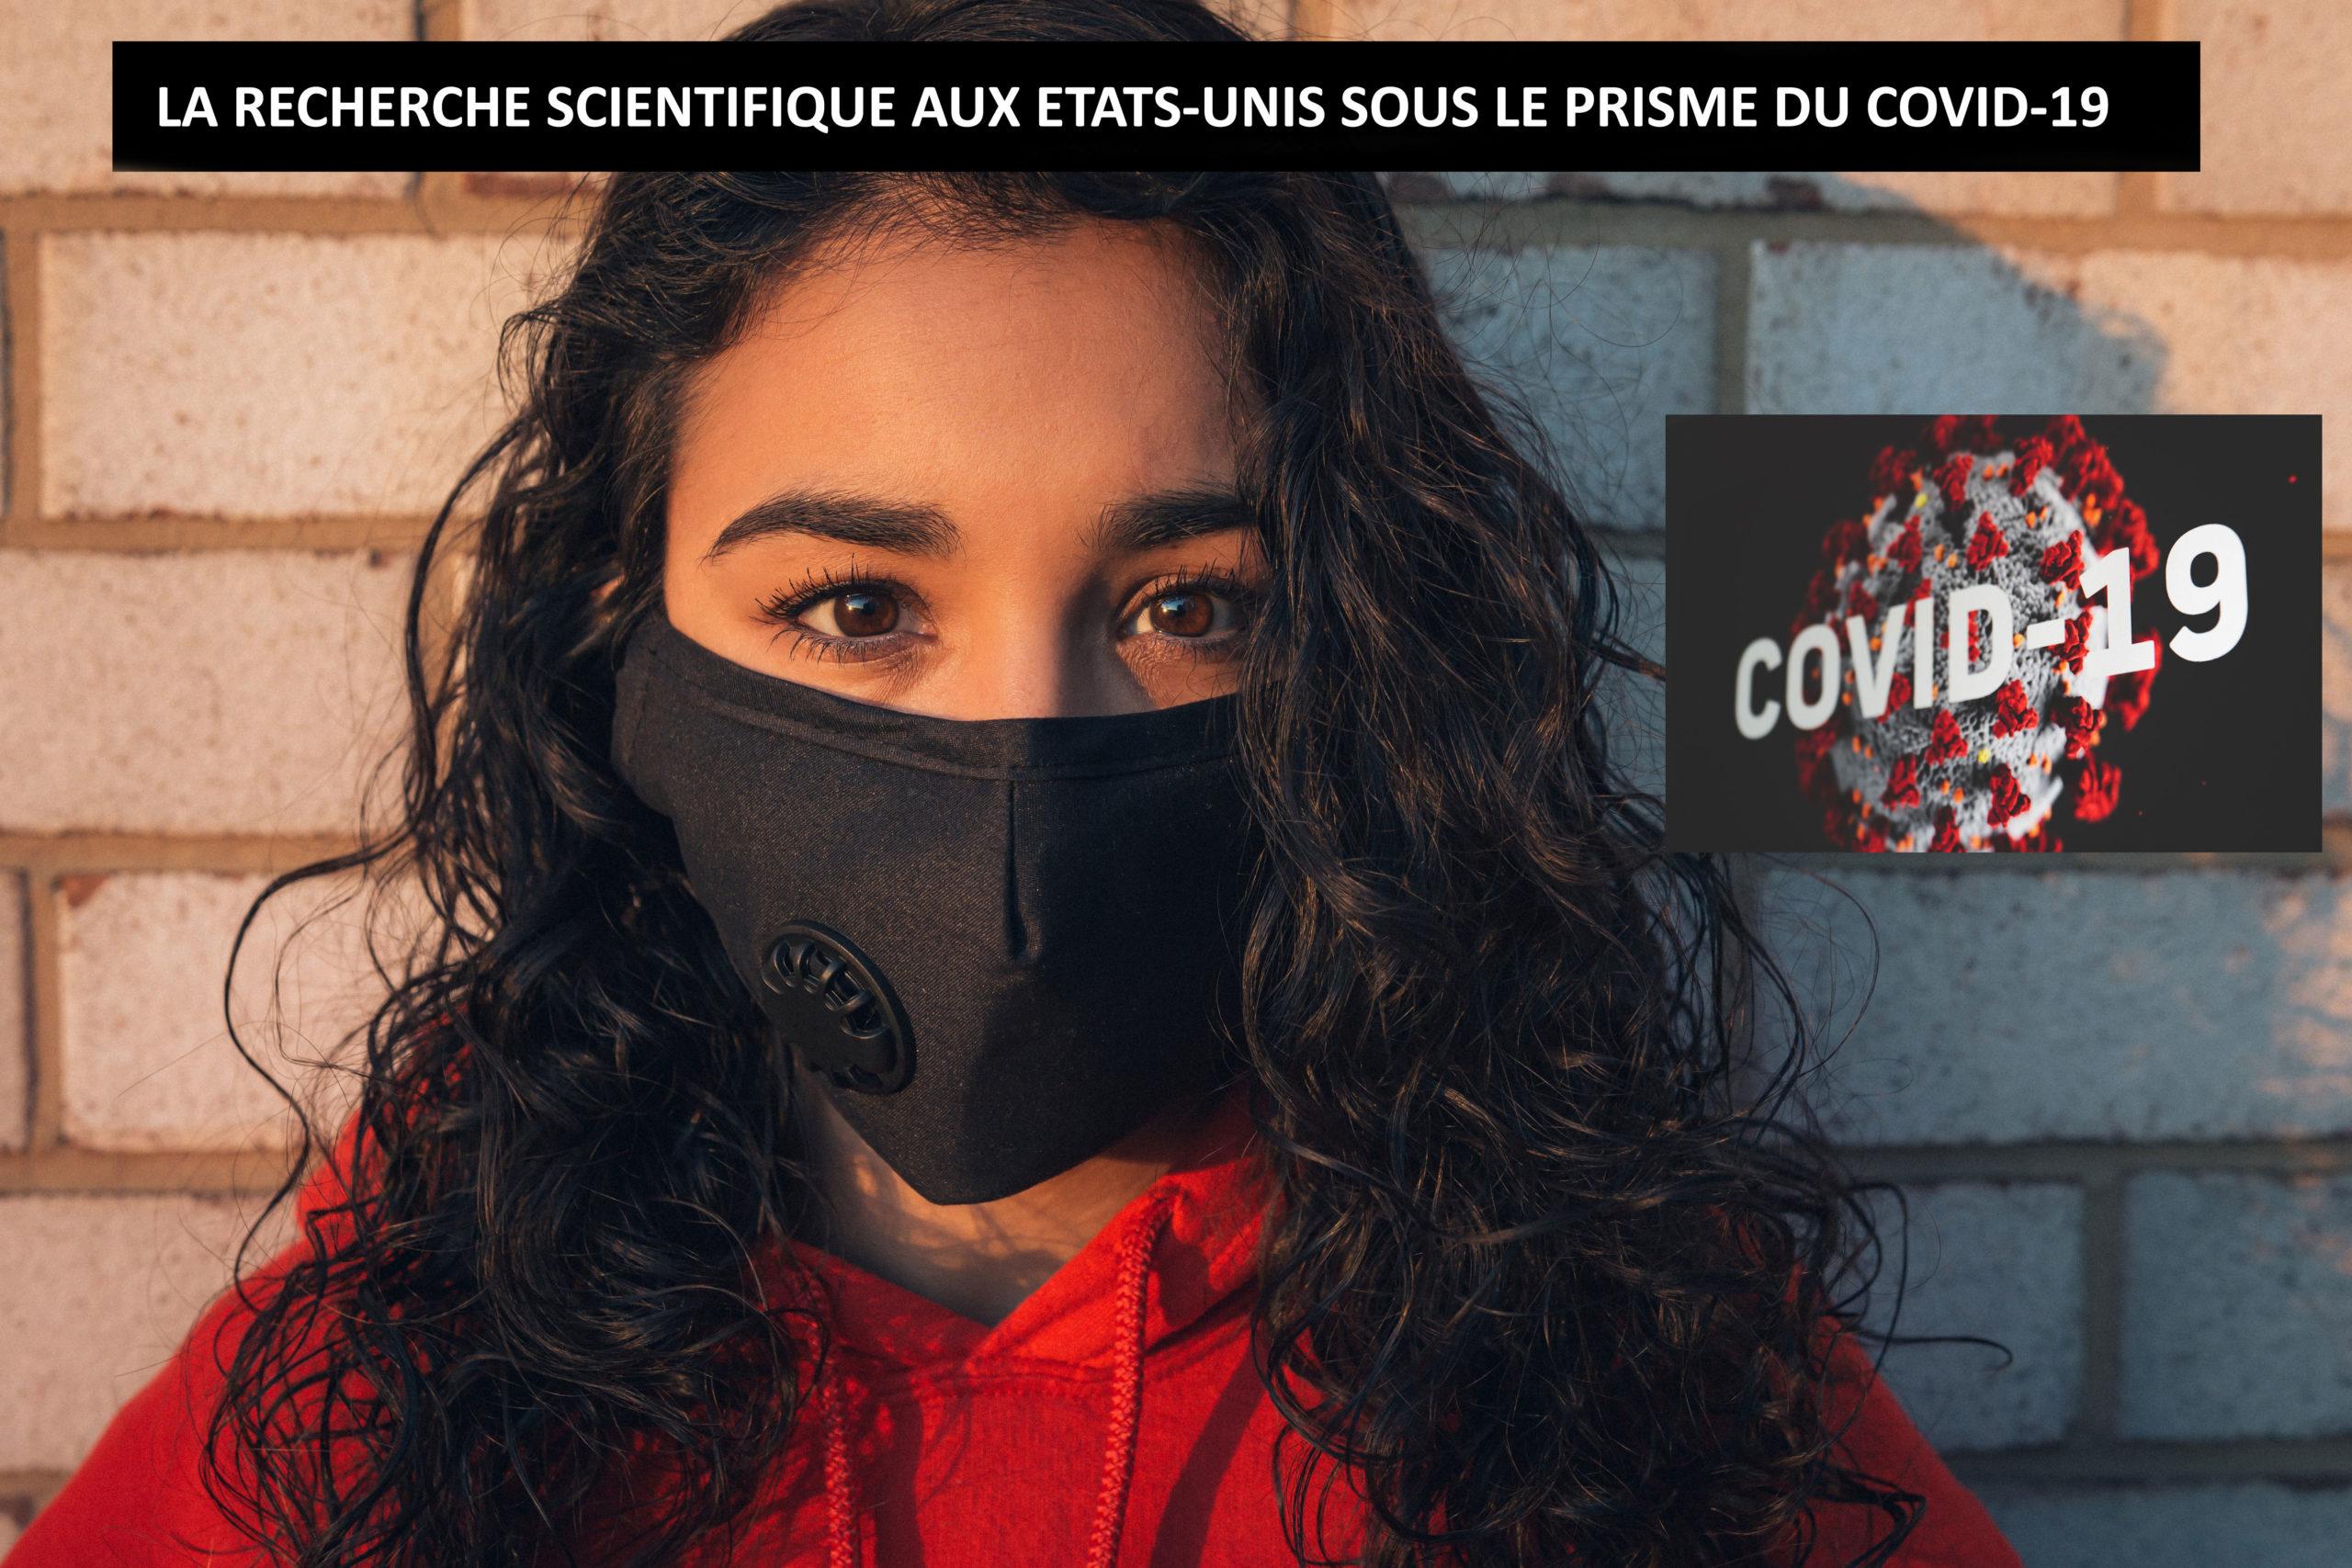 LA RECHERCHE SCIENTIFIQUE AUX ETATS-UNIS SOUS LE PRISME DU COVID-19